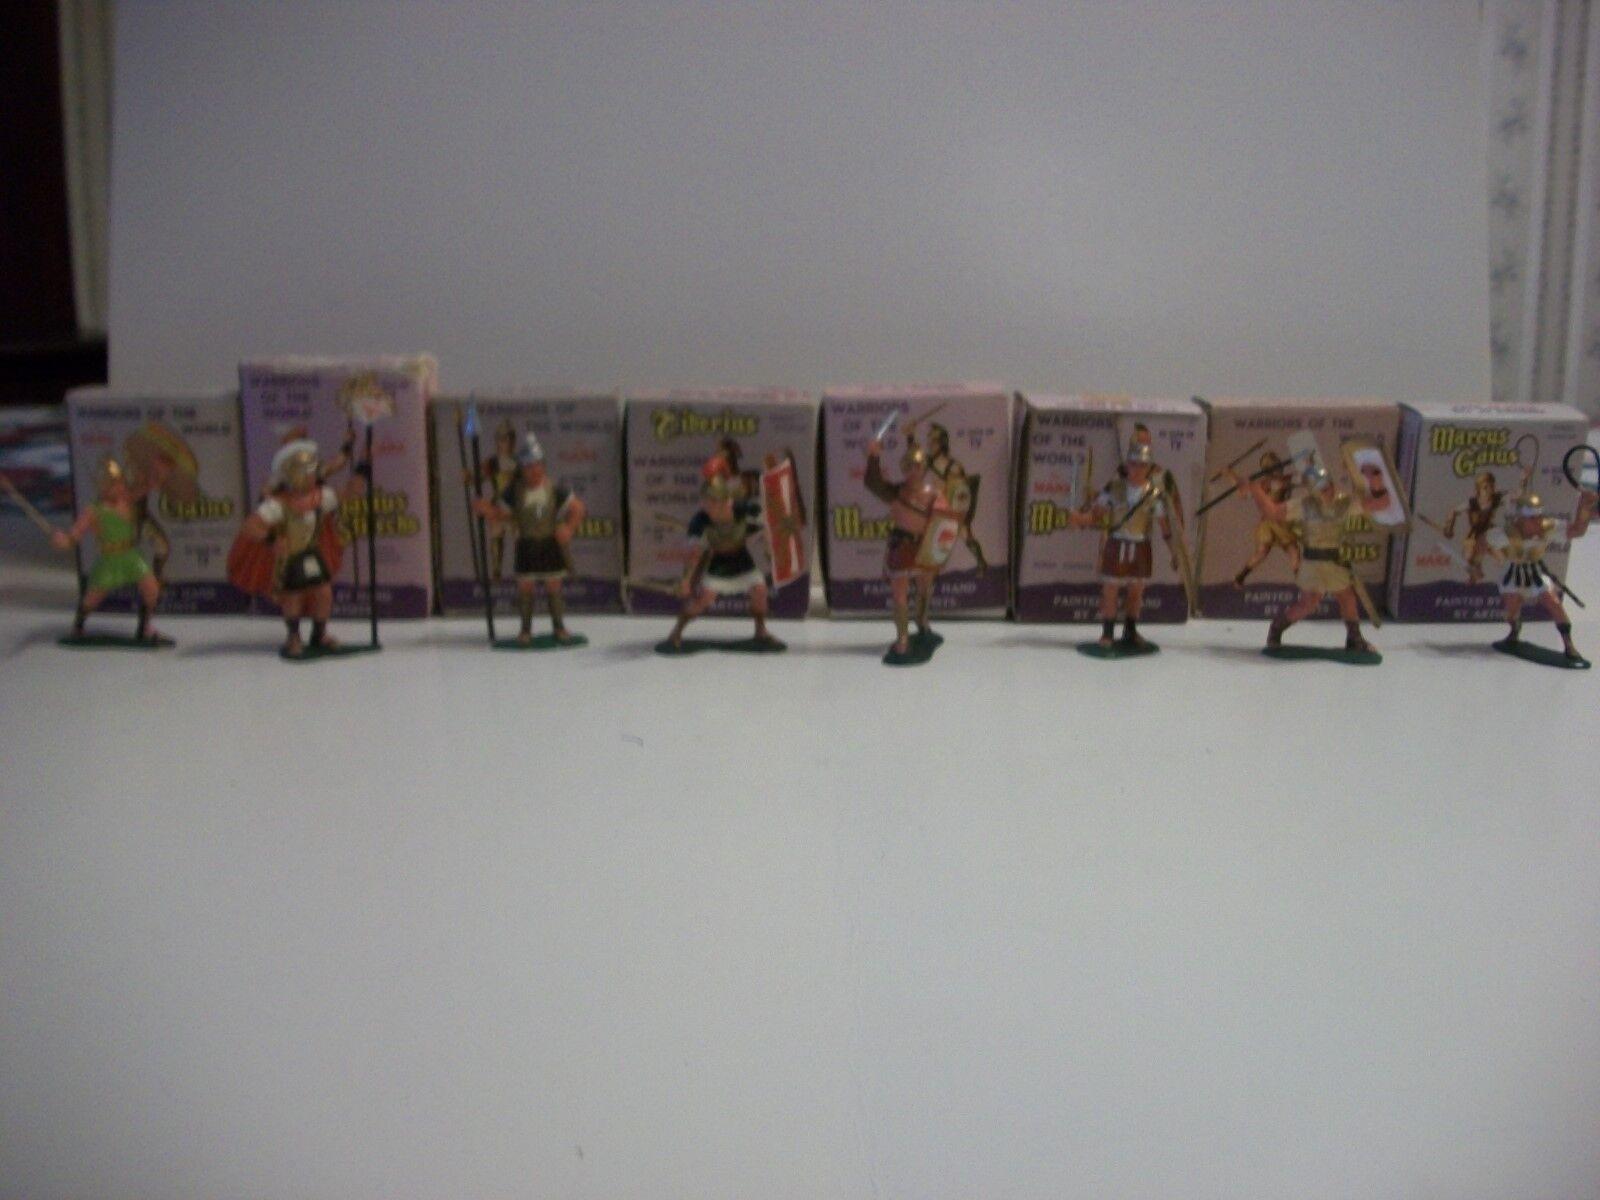 Marx mundo Warrior, Roman 8 cajas de tarjetas ¡Marx mundo Warrior, Roman 8 cajas de tarjetas